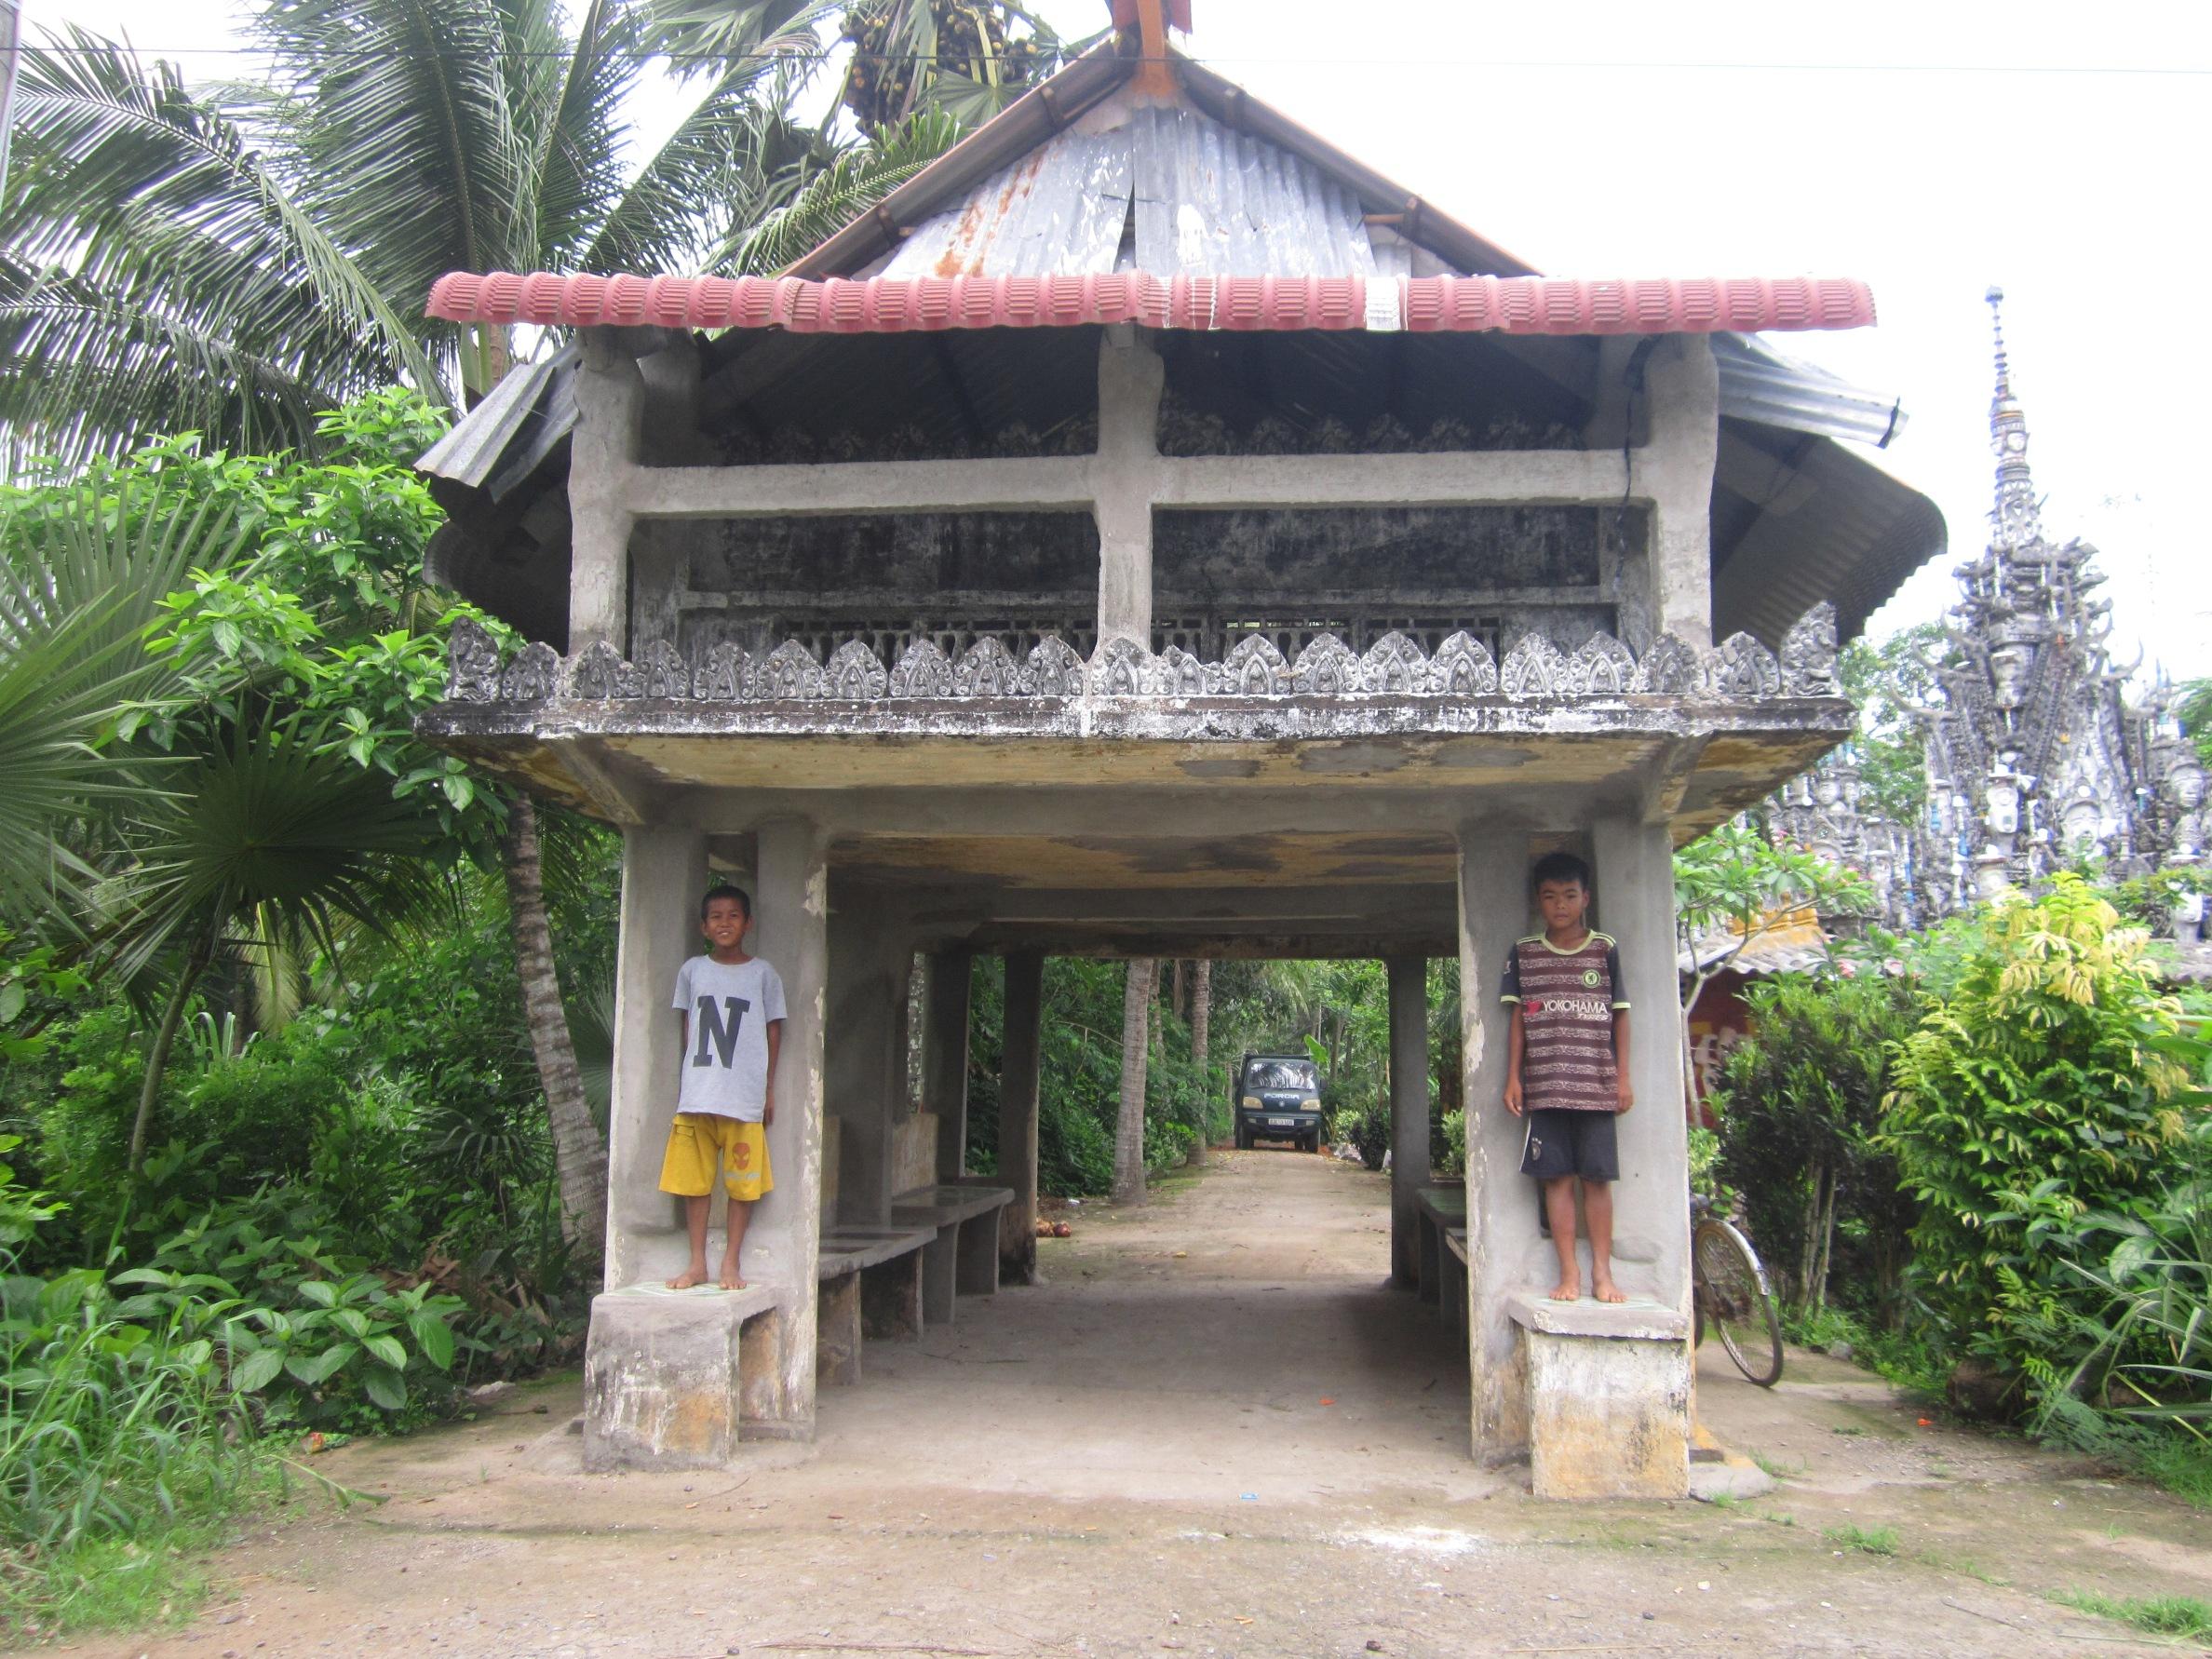 Ngôi Thala ấp Bưng Cốc, xã Phú Mỹ (huyện Mỹ Tú, Sóc Trăng), một nét đẹp văn hóa truyền thống của người Khmer.